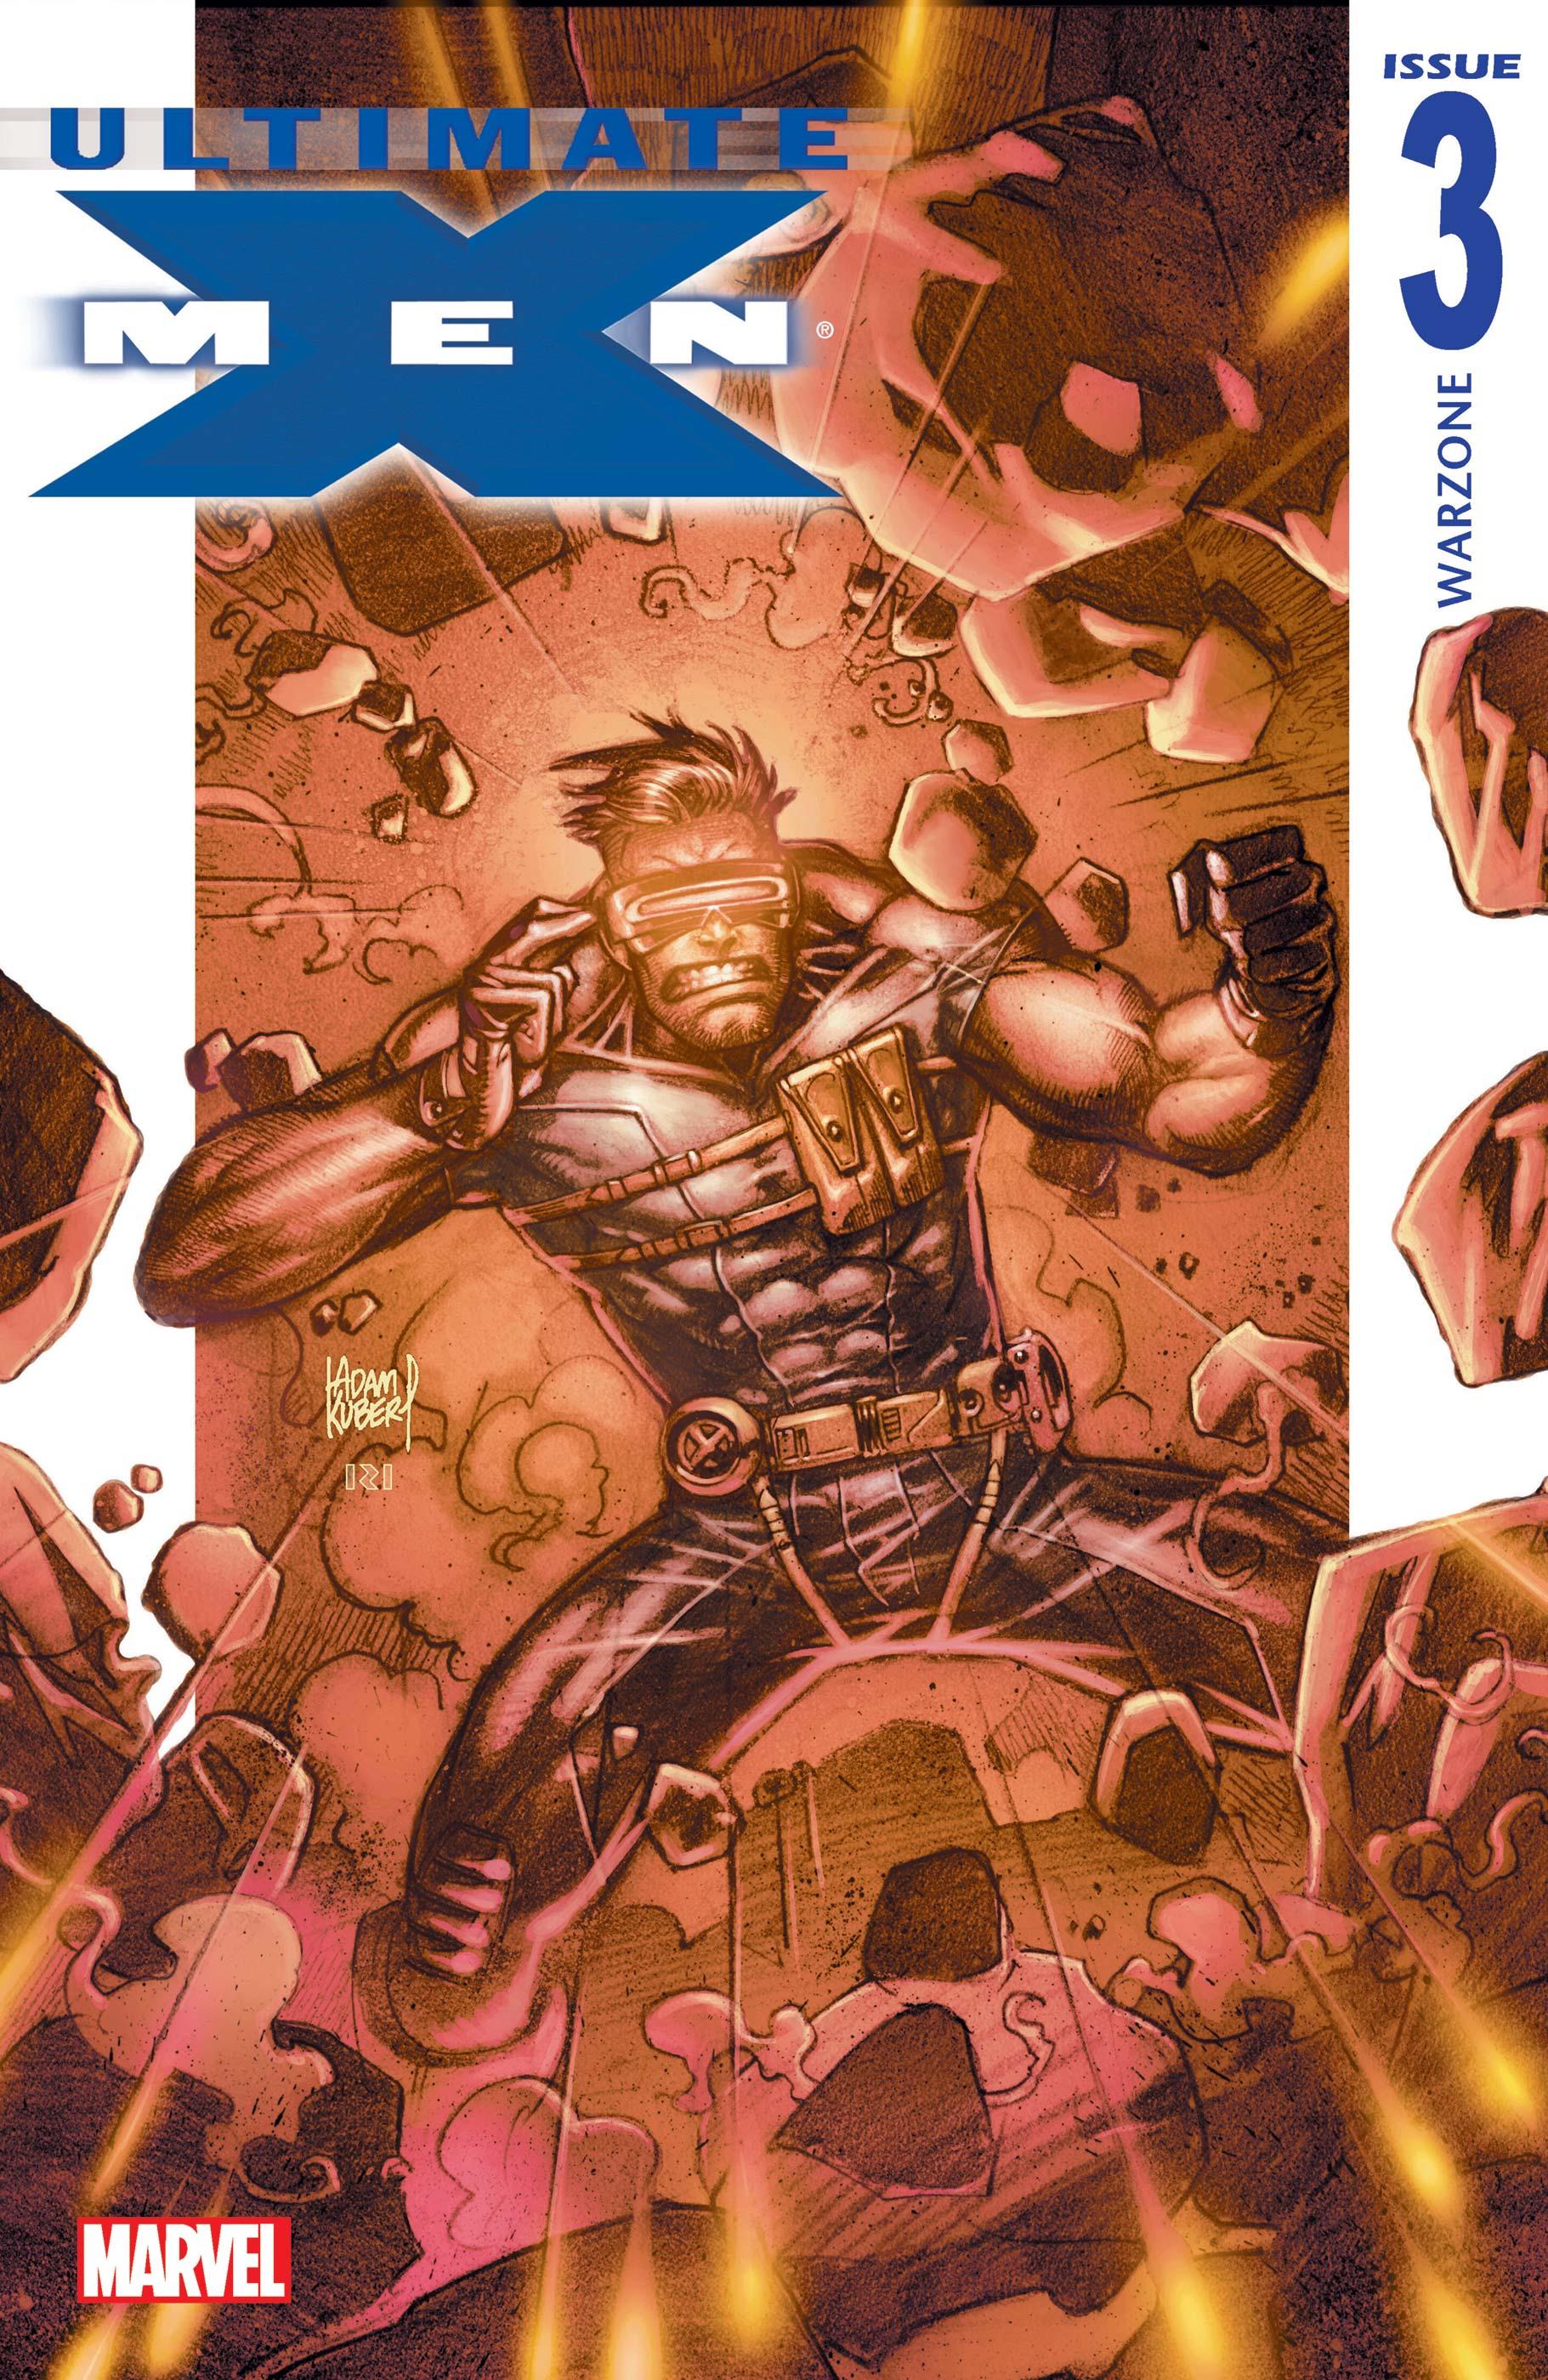 Ultimate X-Men (2000) #3